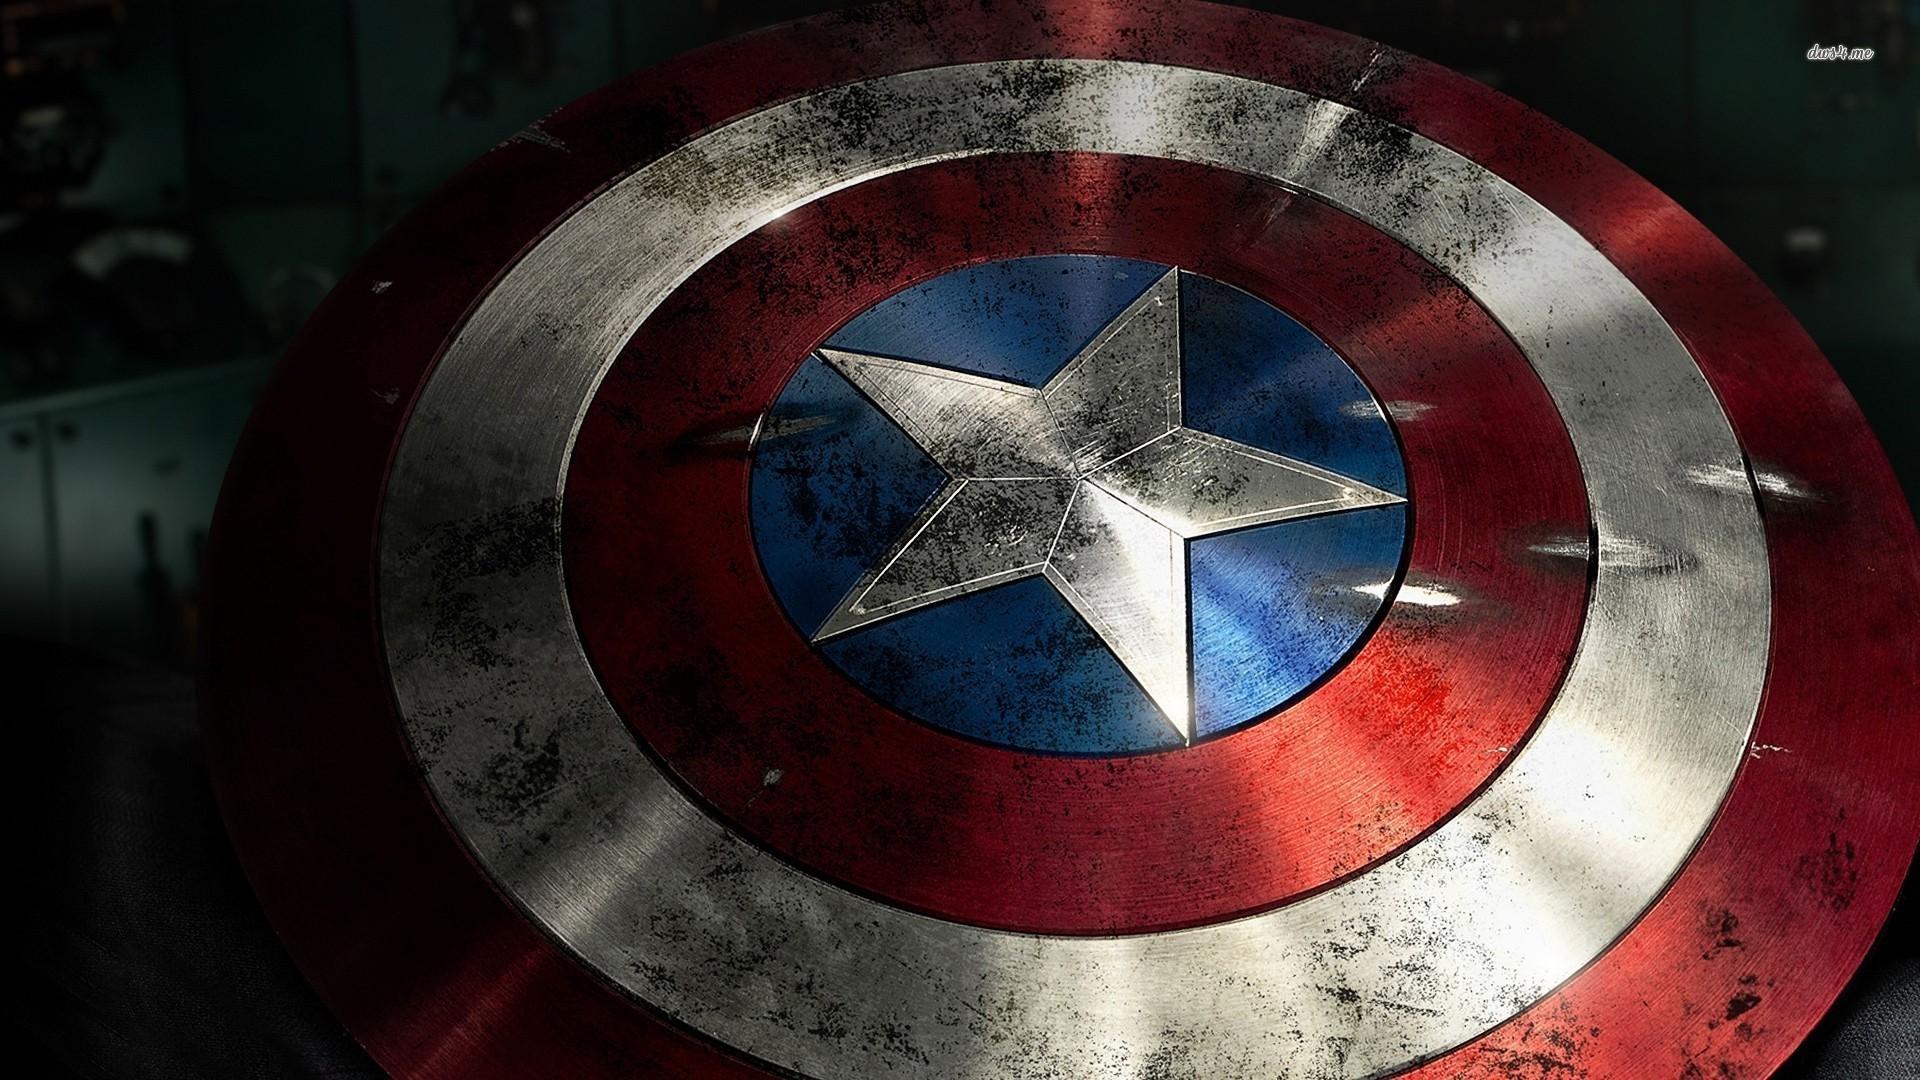 Captain America shield wallpaper 1280x800 Captain America shield 1920x1080